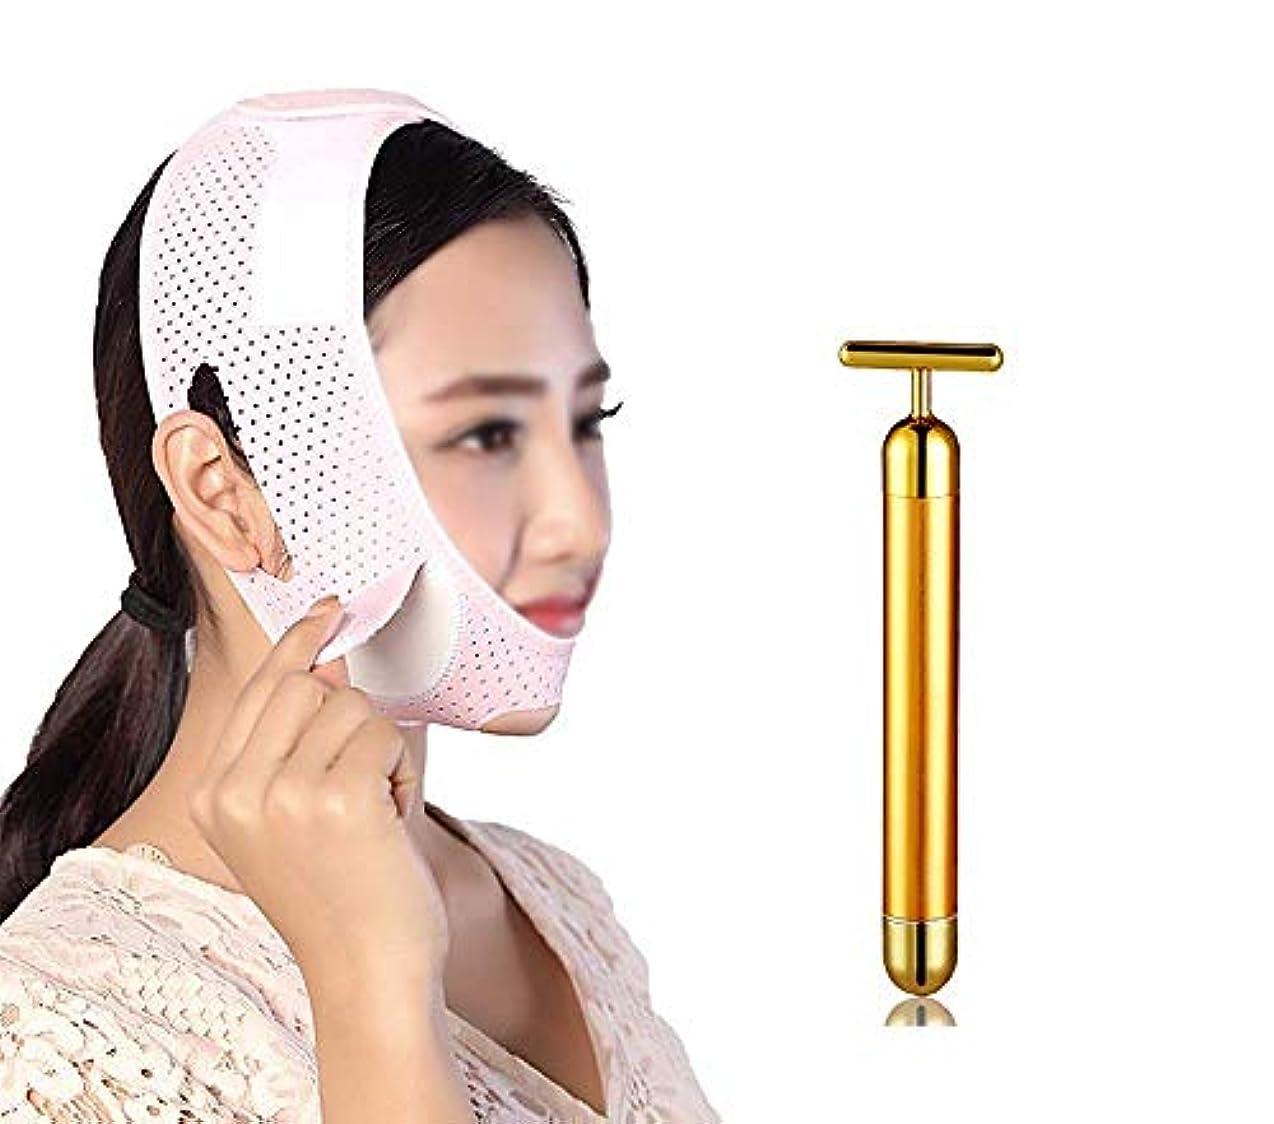 裁定星メモ顔と首を持ち上げる術後弾性セットVフェイスマスクは、チンV顔アーティファクト回復サポートベルトの収縮の調整を強化します。